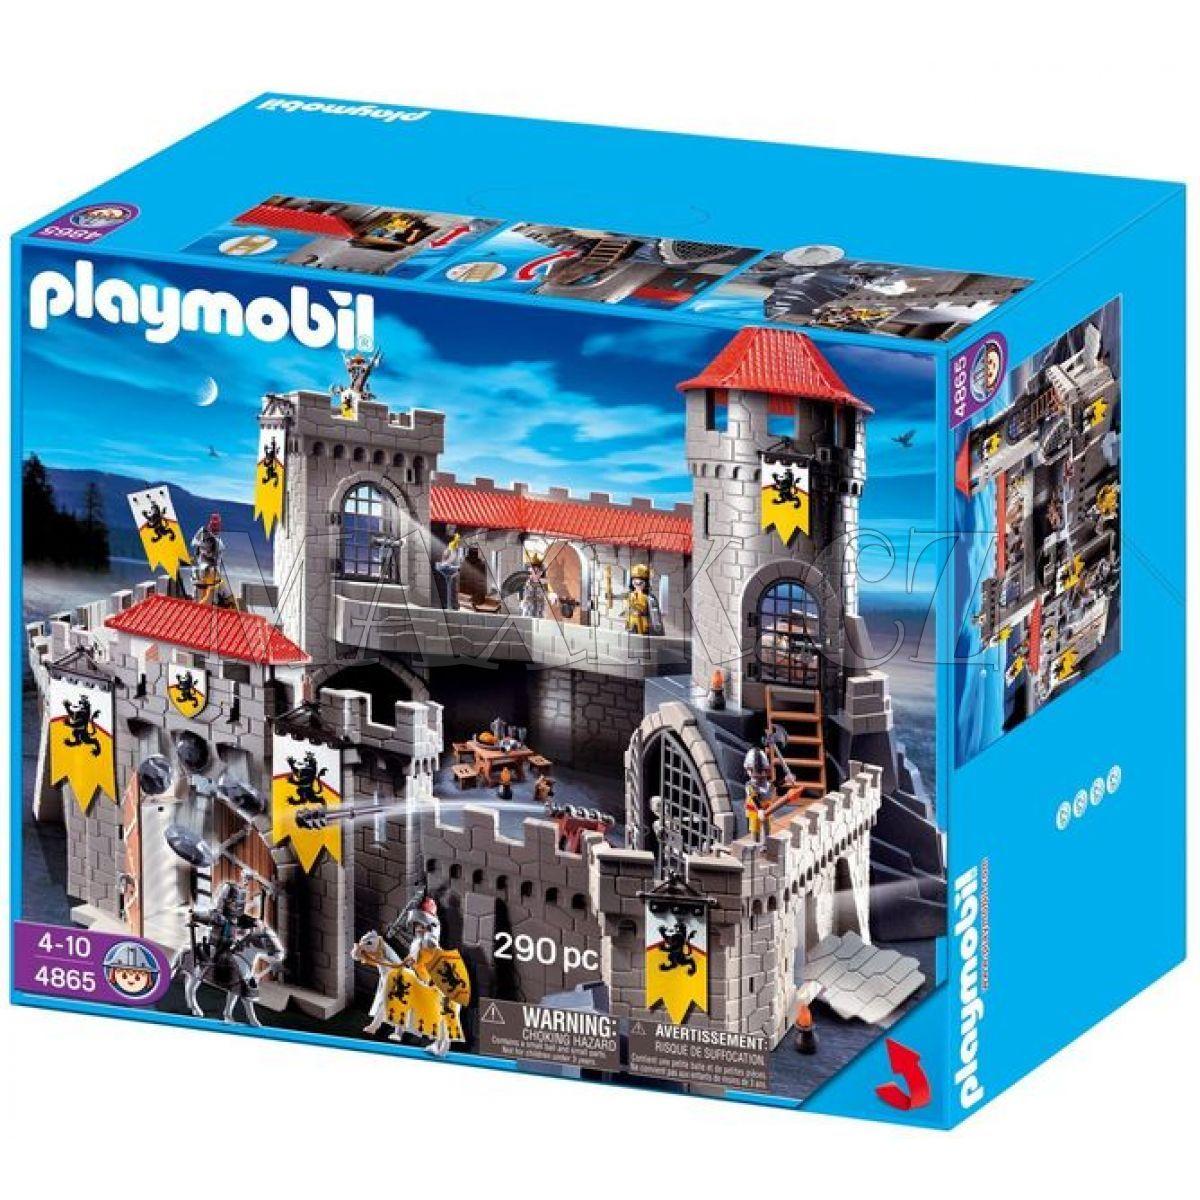 playmobil 4865 hrad ryt ern ho lva max kovy hra ky